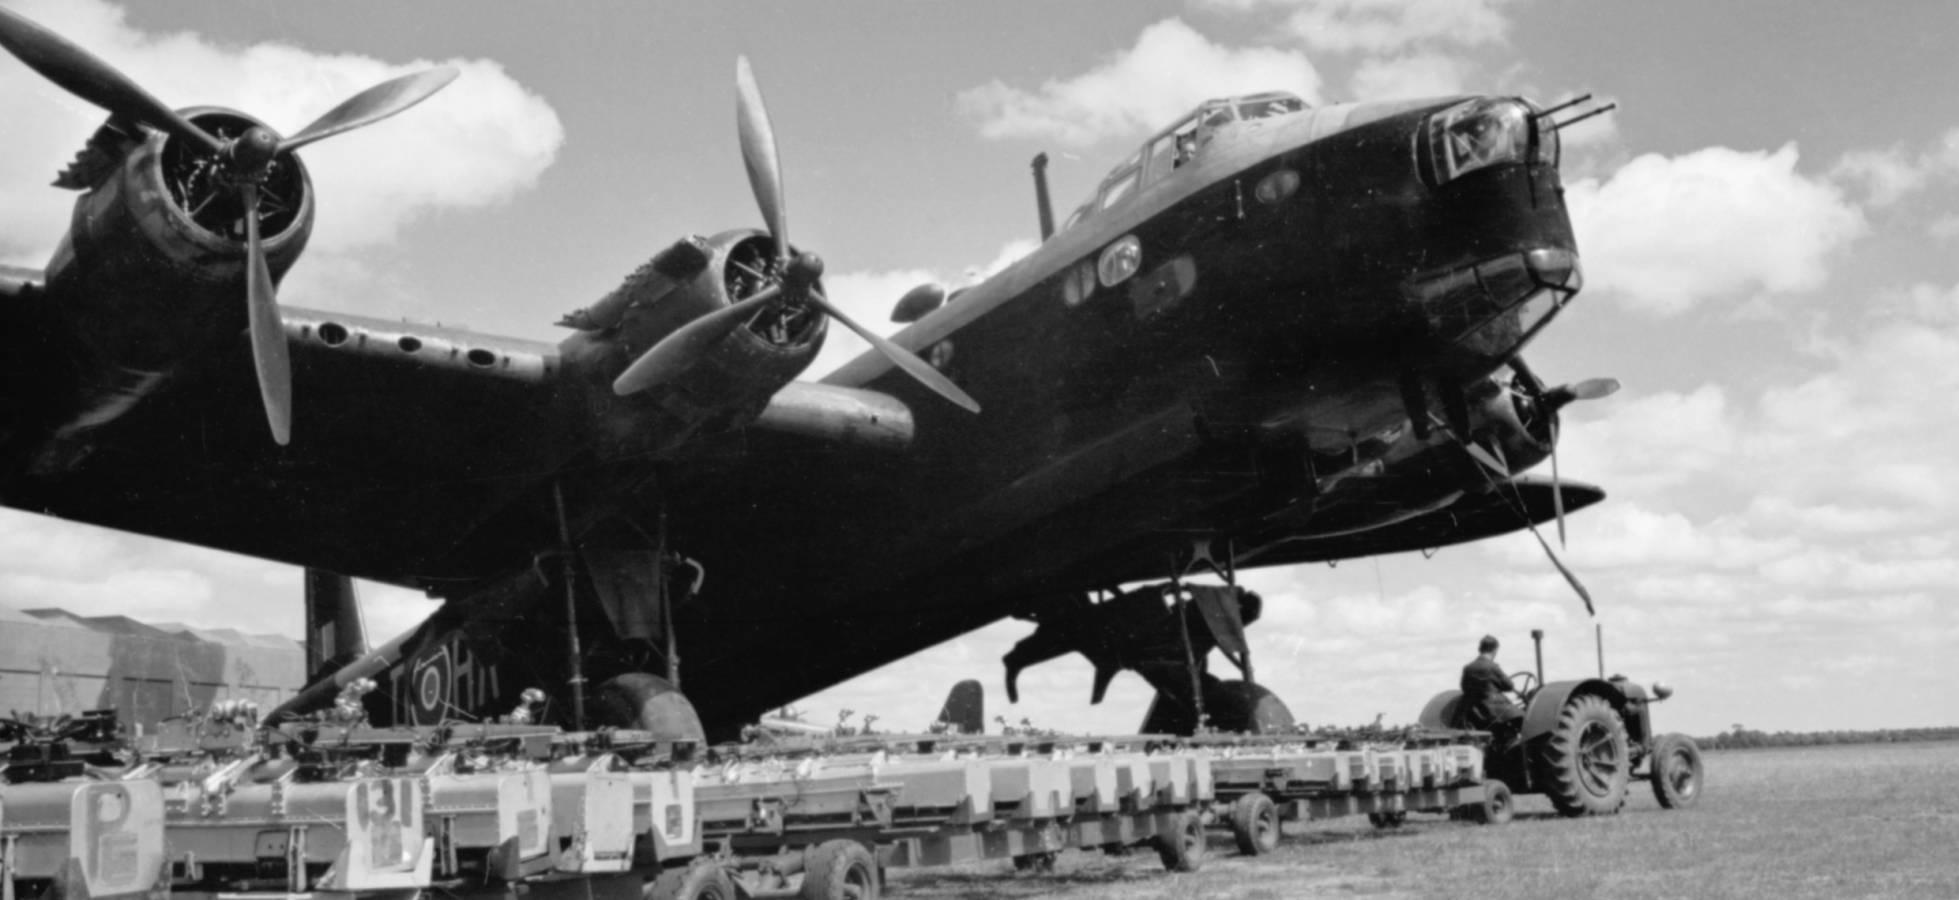 Greg Baughen: The RAF in 1939: Ready for War?